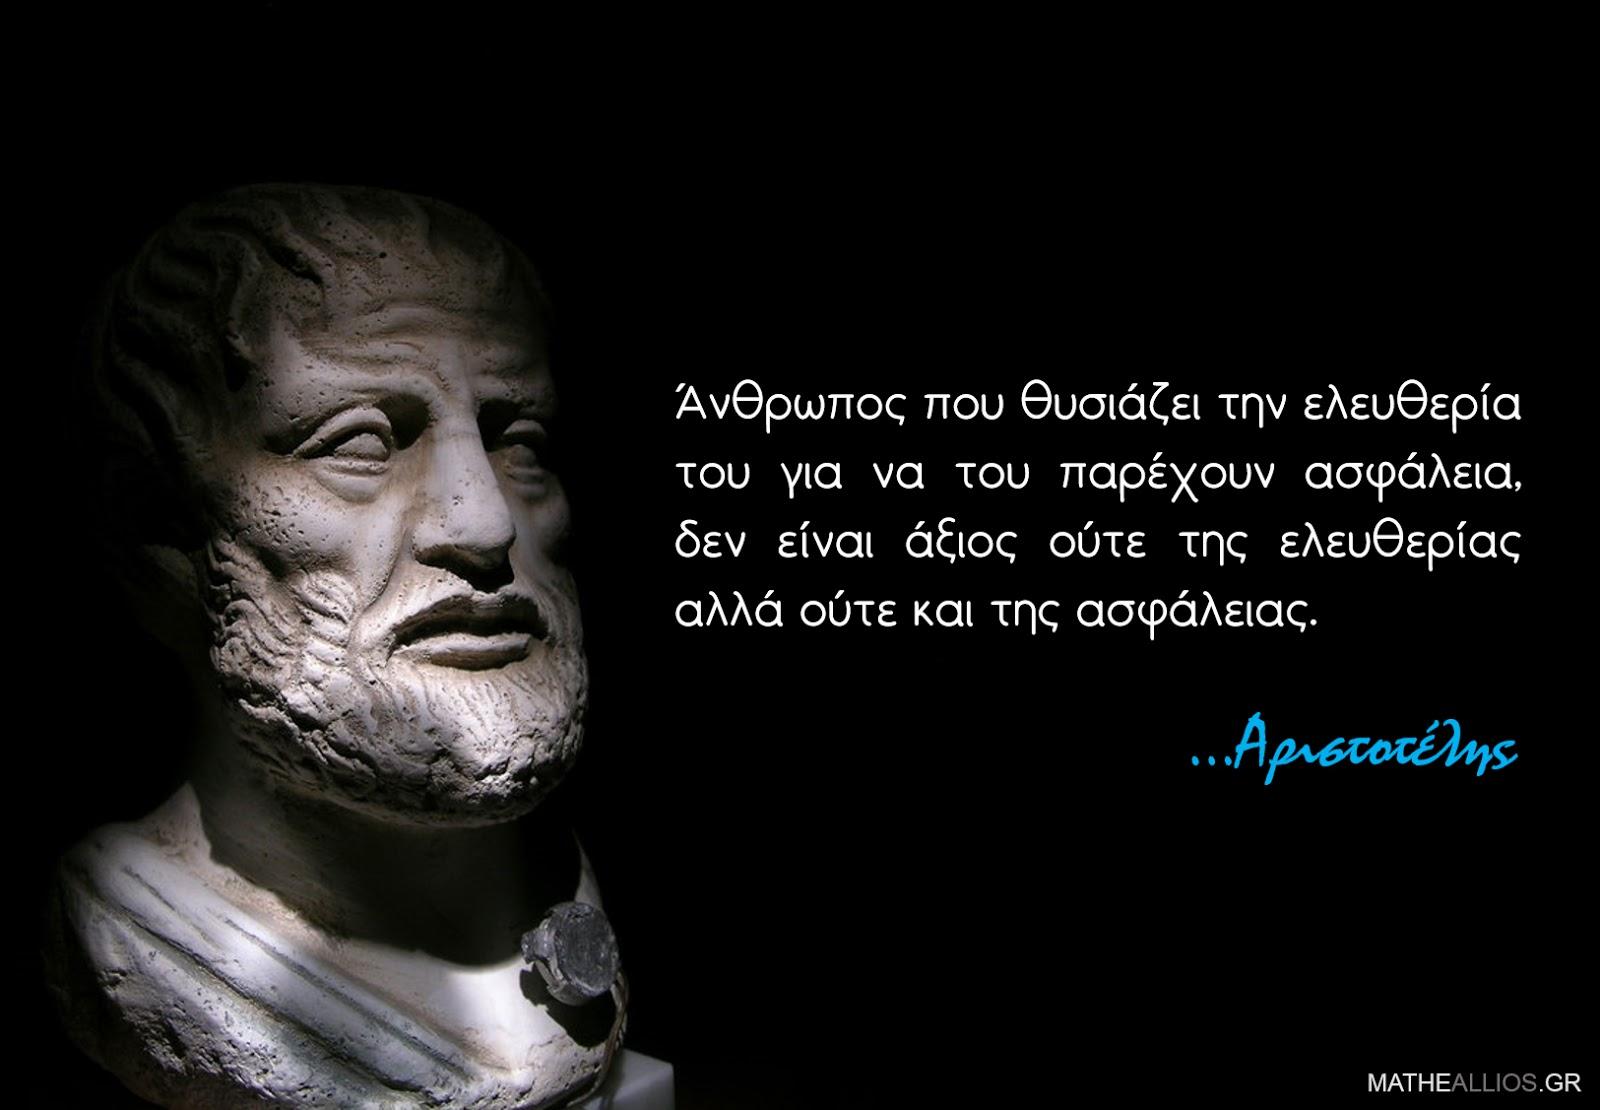 Ἀριστοτέλης - ἂνθρωπος που θυσιάζει την ἐλευθερία του για να του παρέχουν ἀσφάλεια, δεν εἶναι ἂξιος οὒτε της ἐλευθερίας ἀλλά οὒτε και της ἀσφάλειας